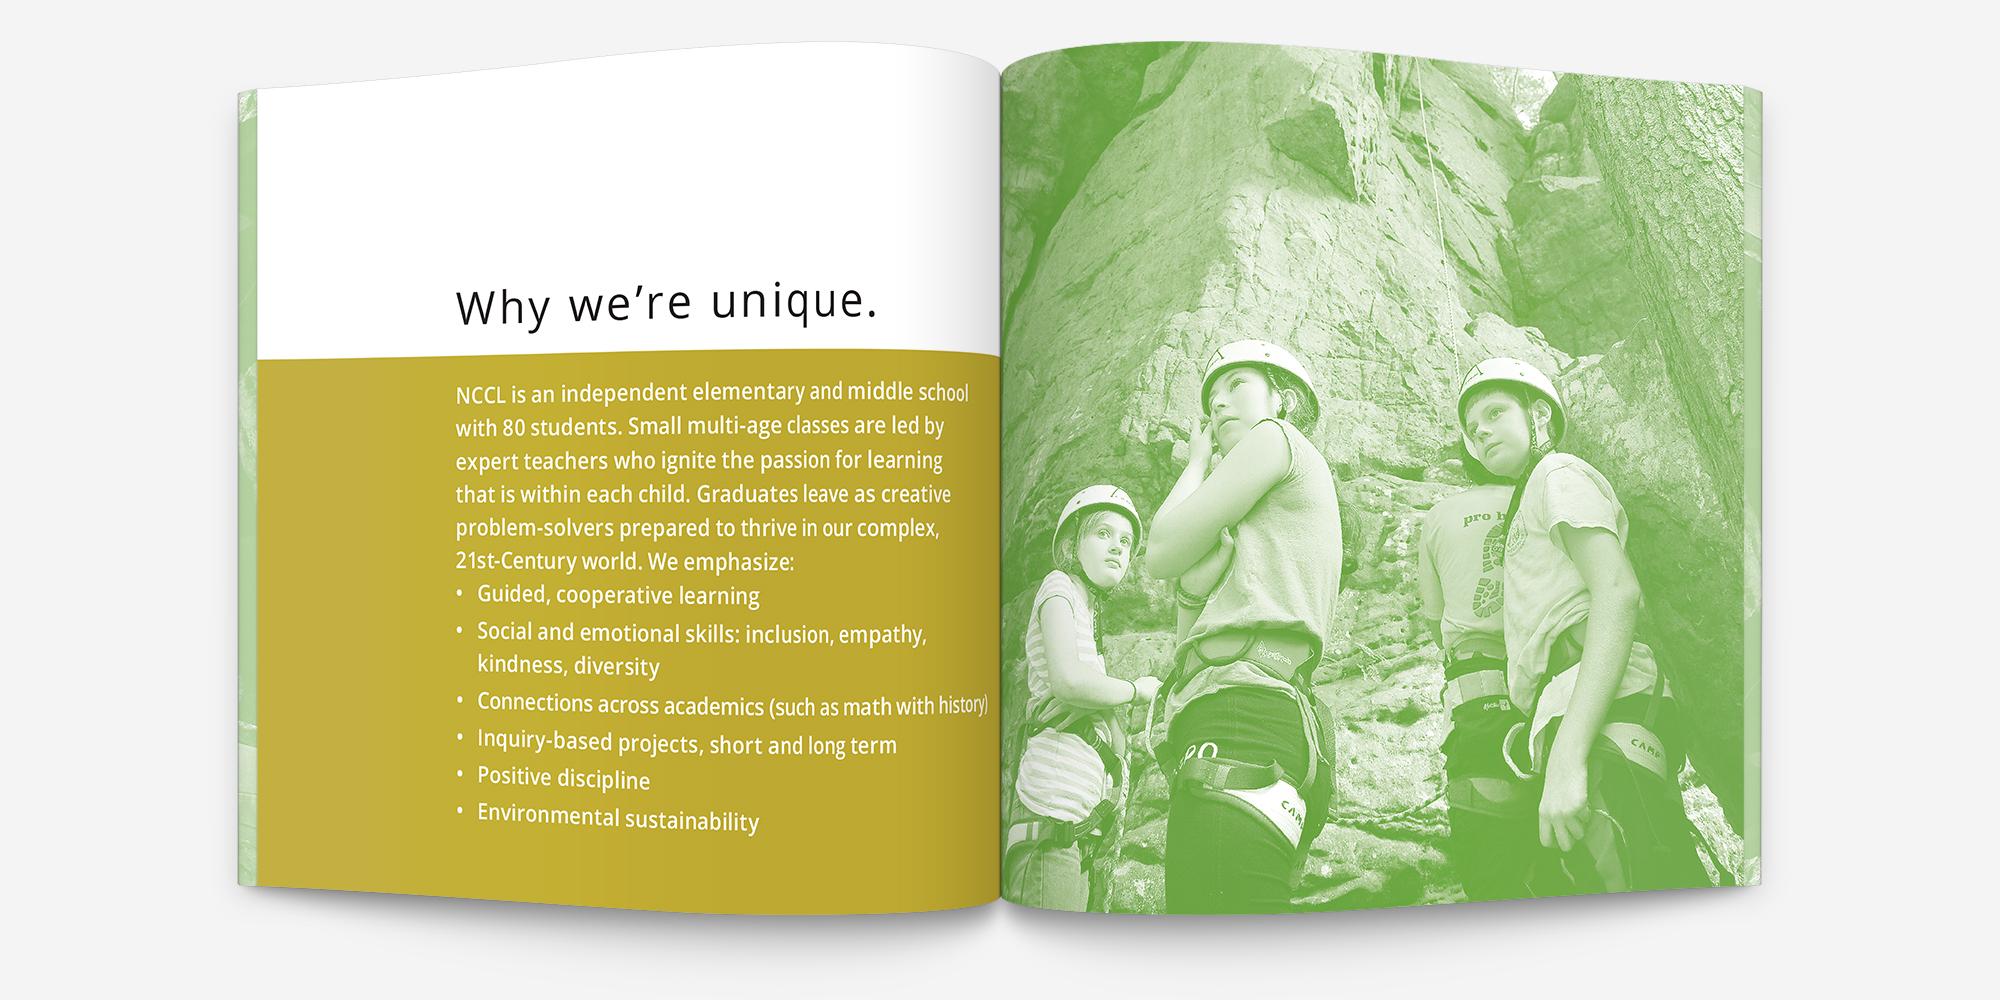 NCCL_Square Booklet_inside.jpg